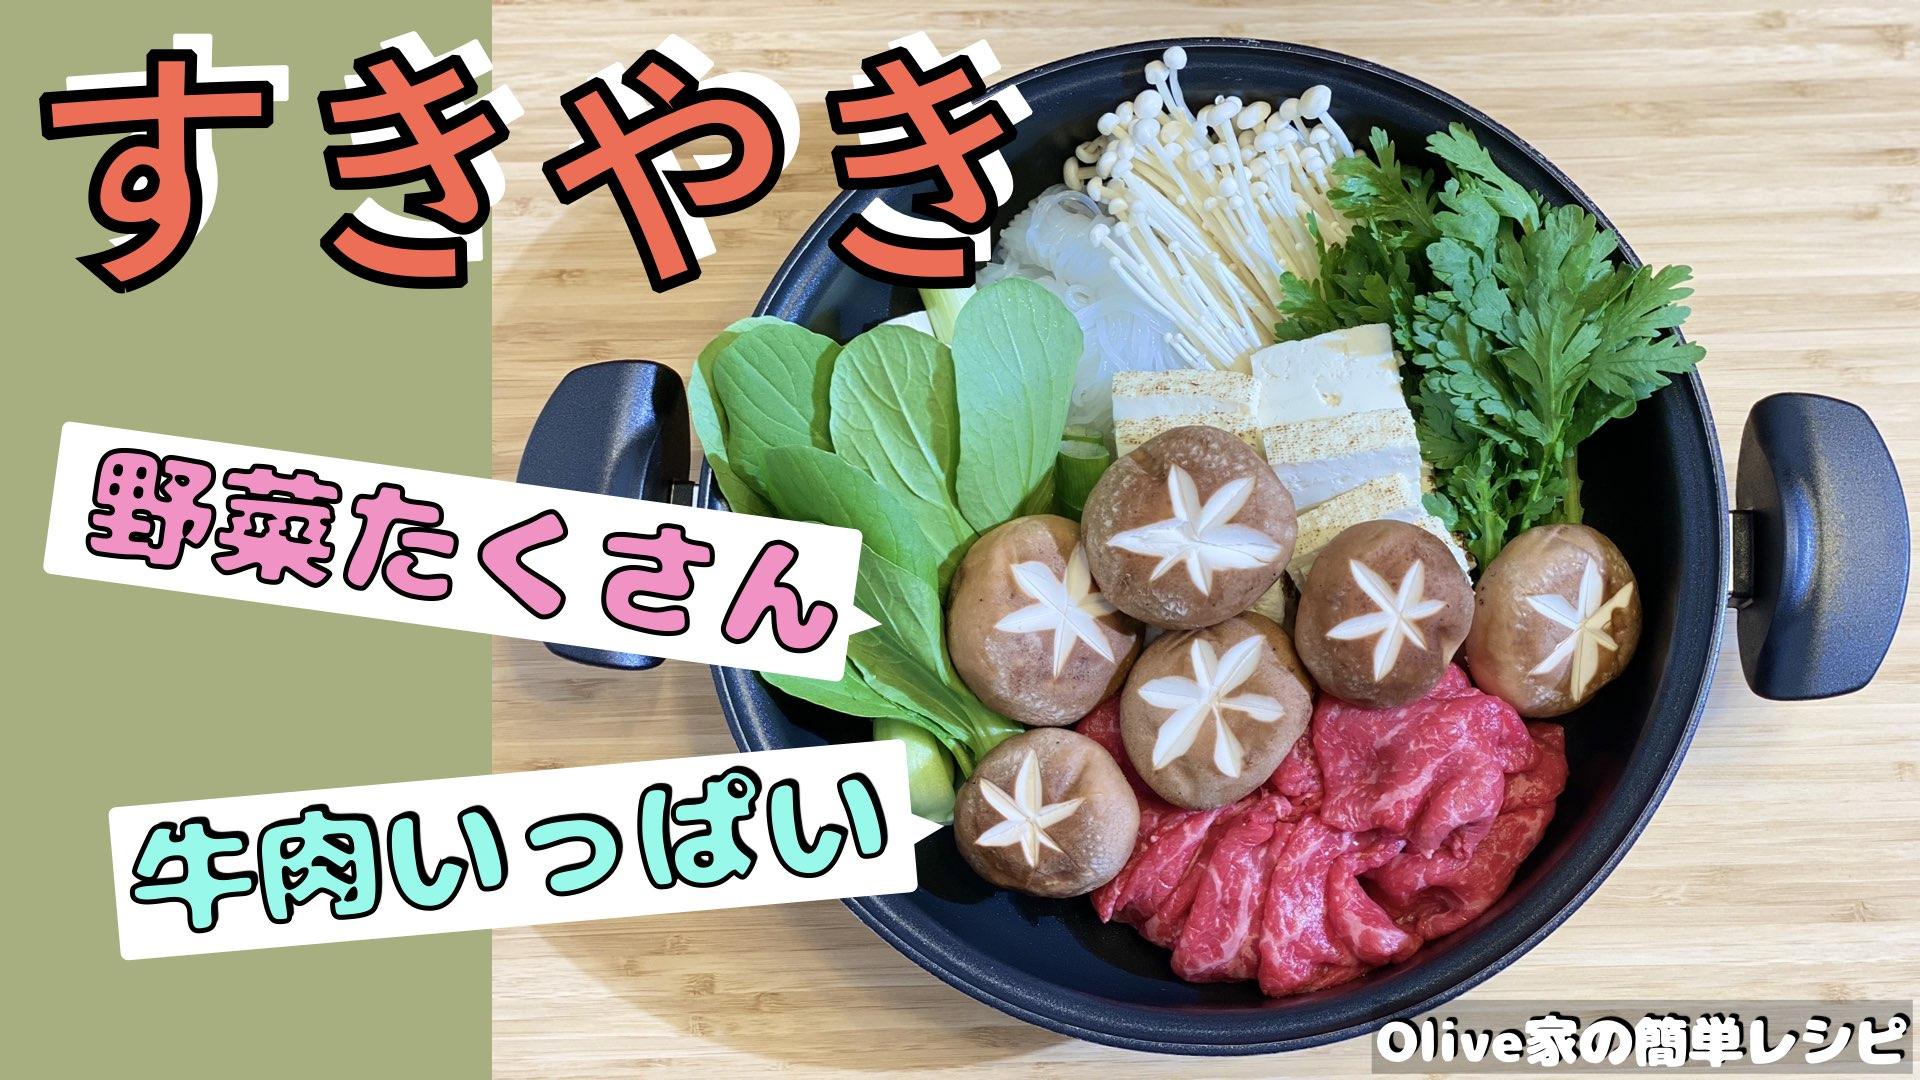 Olive家の簡単レシピ   野菜たくさん!牛肉いっぱい!   すき焼き